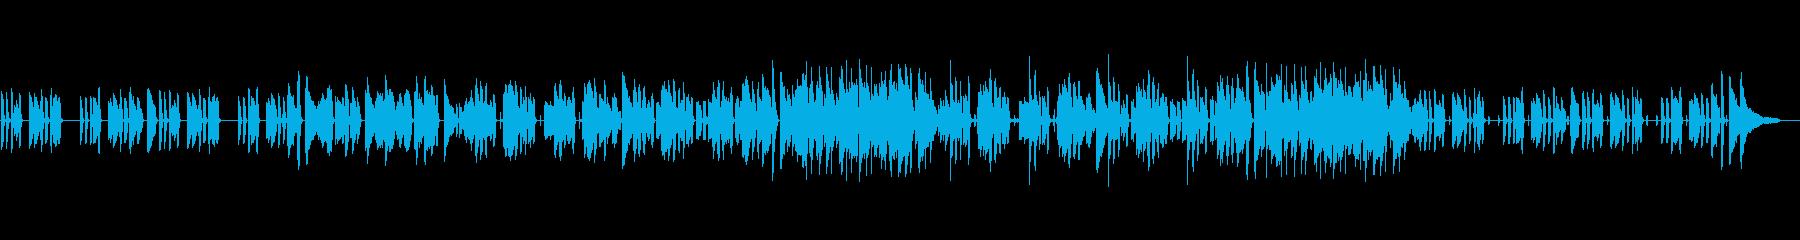 ジャズ・コミカル・ほのぼの・日常の再生済みの波形